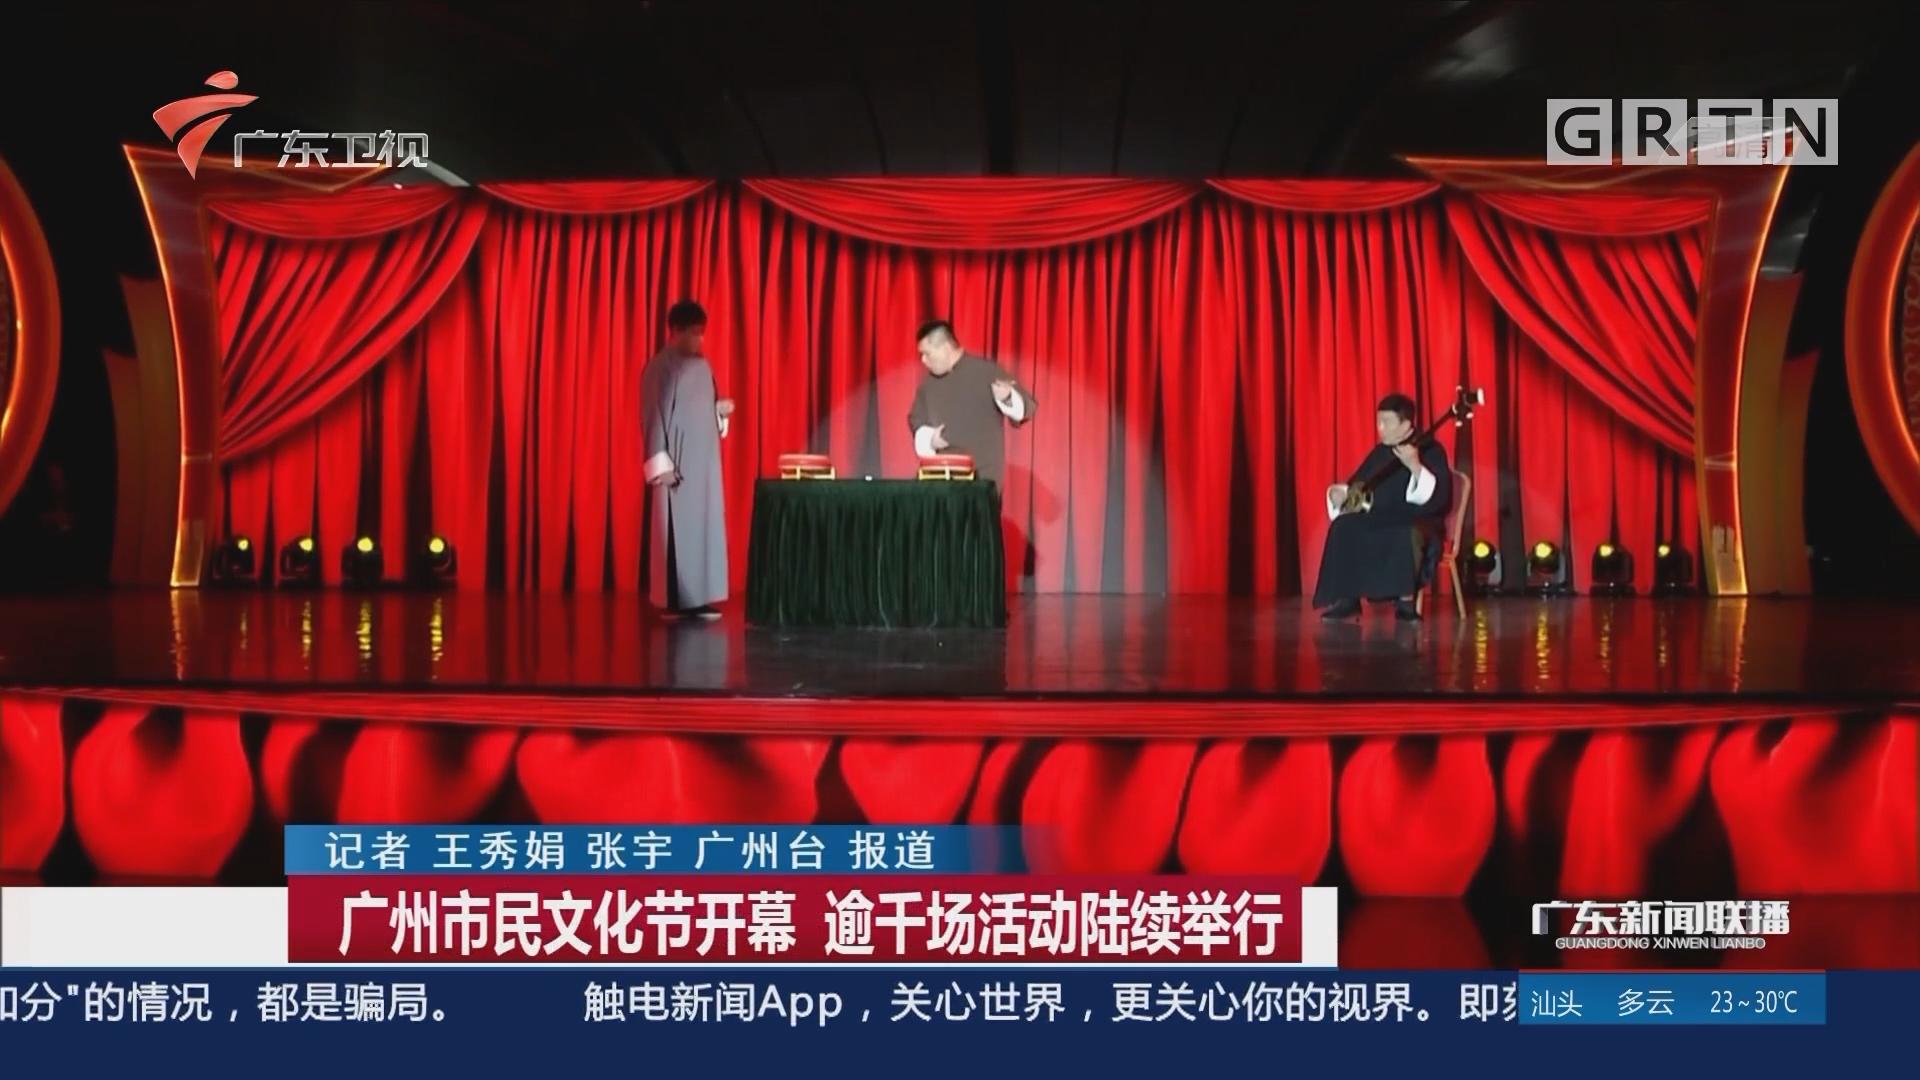 广州市民文化节开幕 逾千场活动陆续举行